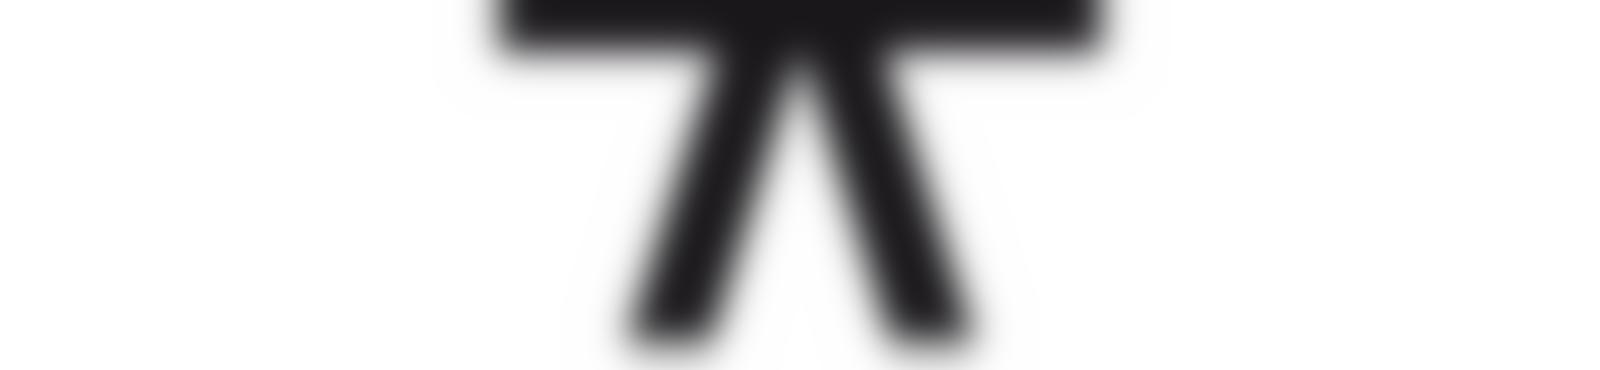 Blurred 9530d663 8a7b 436f 8d0d 6b297dfd16ce